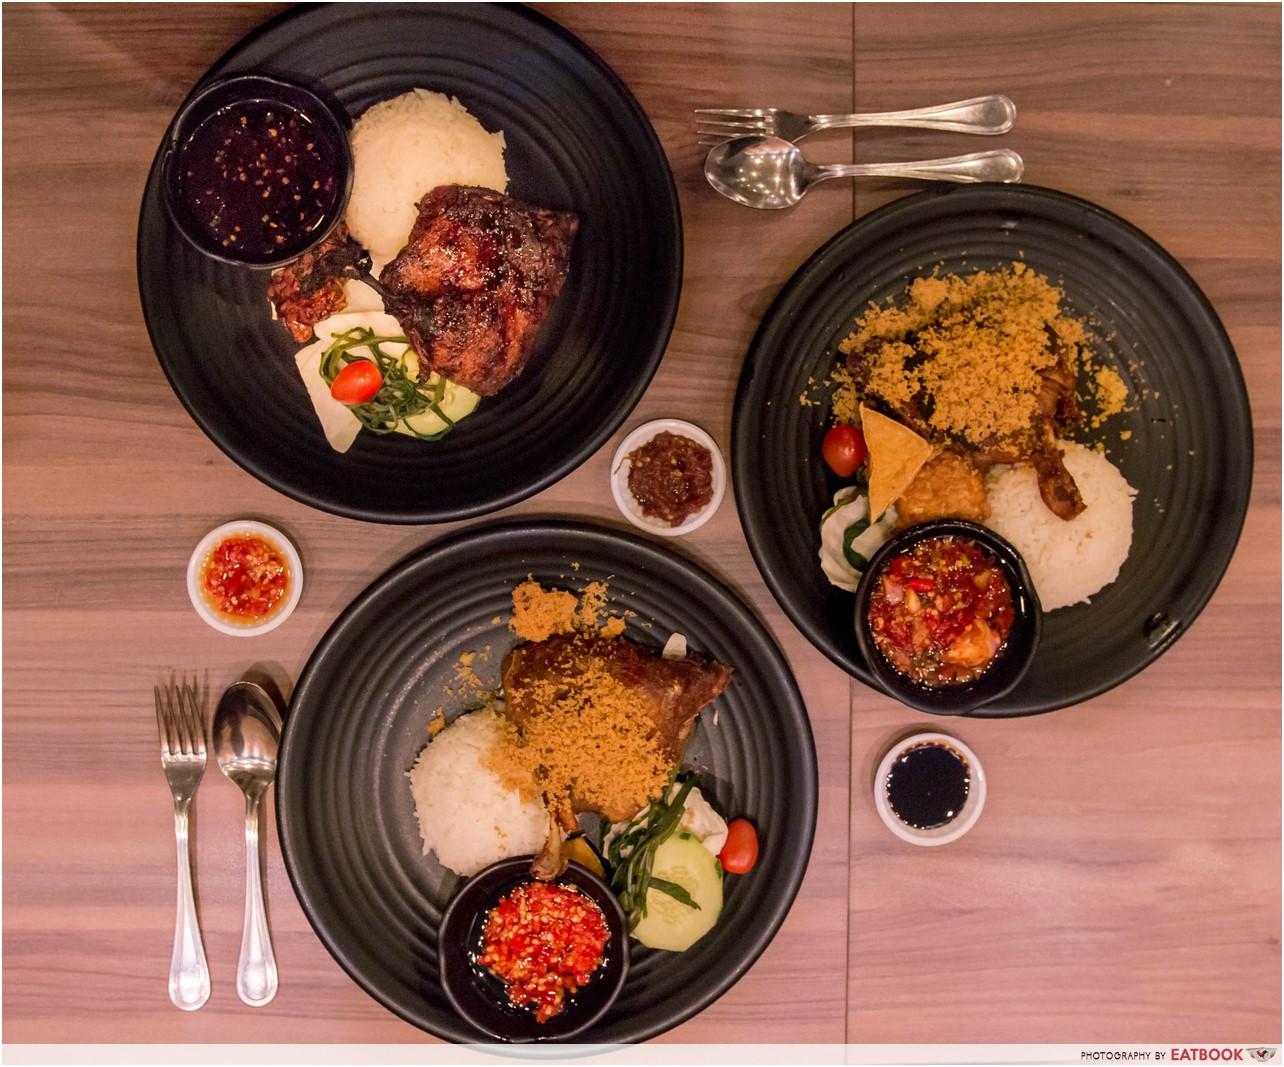 Bebek Goreng Pak Ndut - Food flatlay